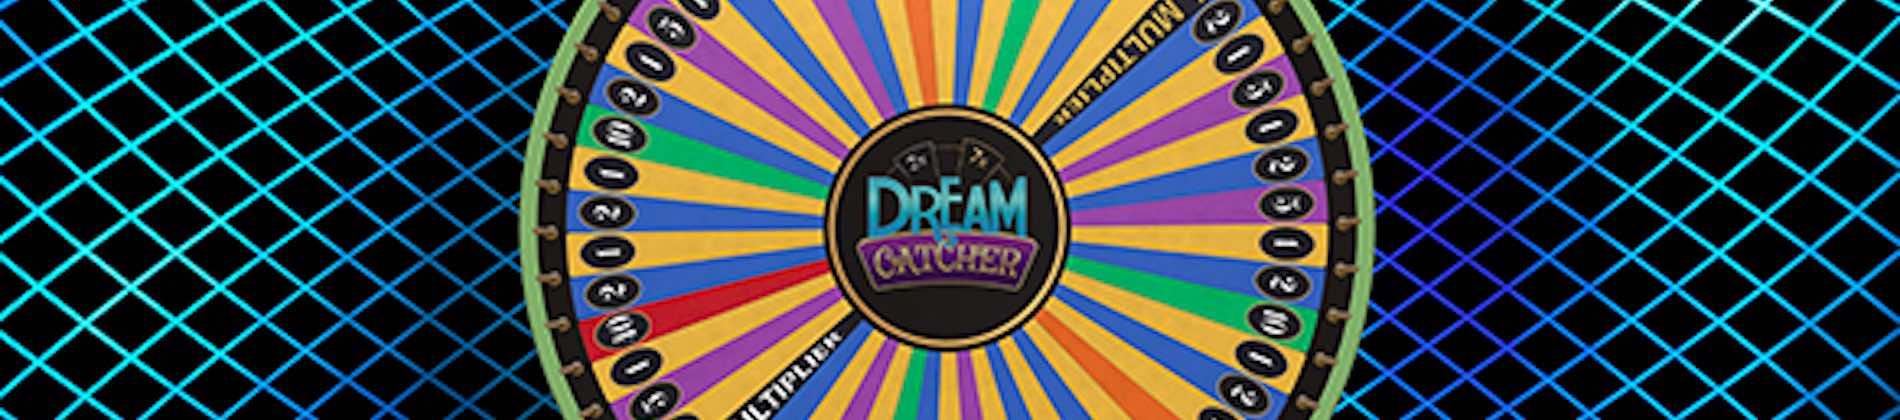 Dream Catcher Game Wheel